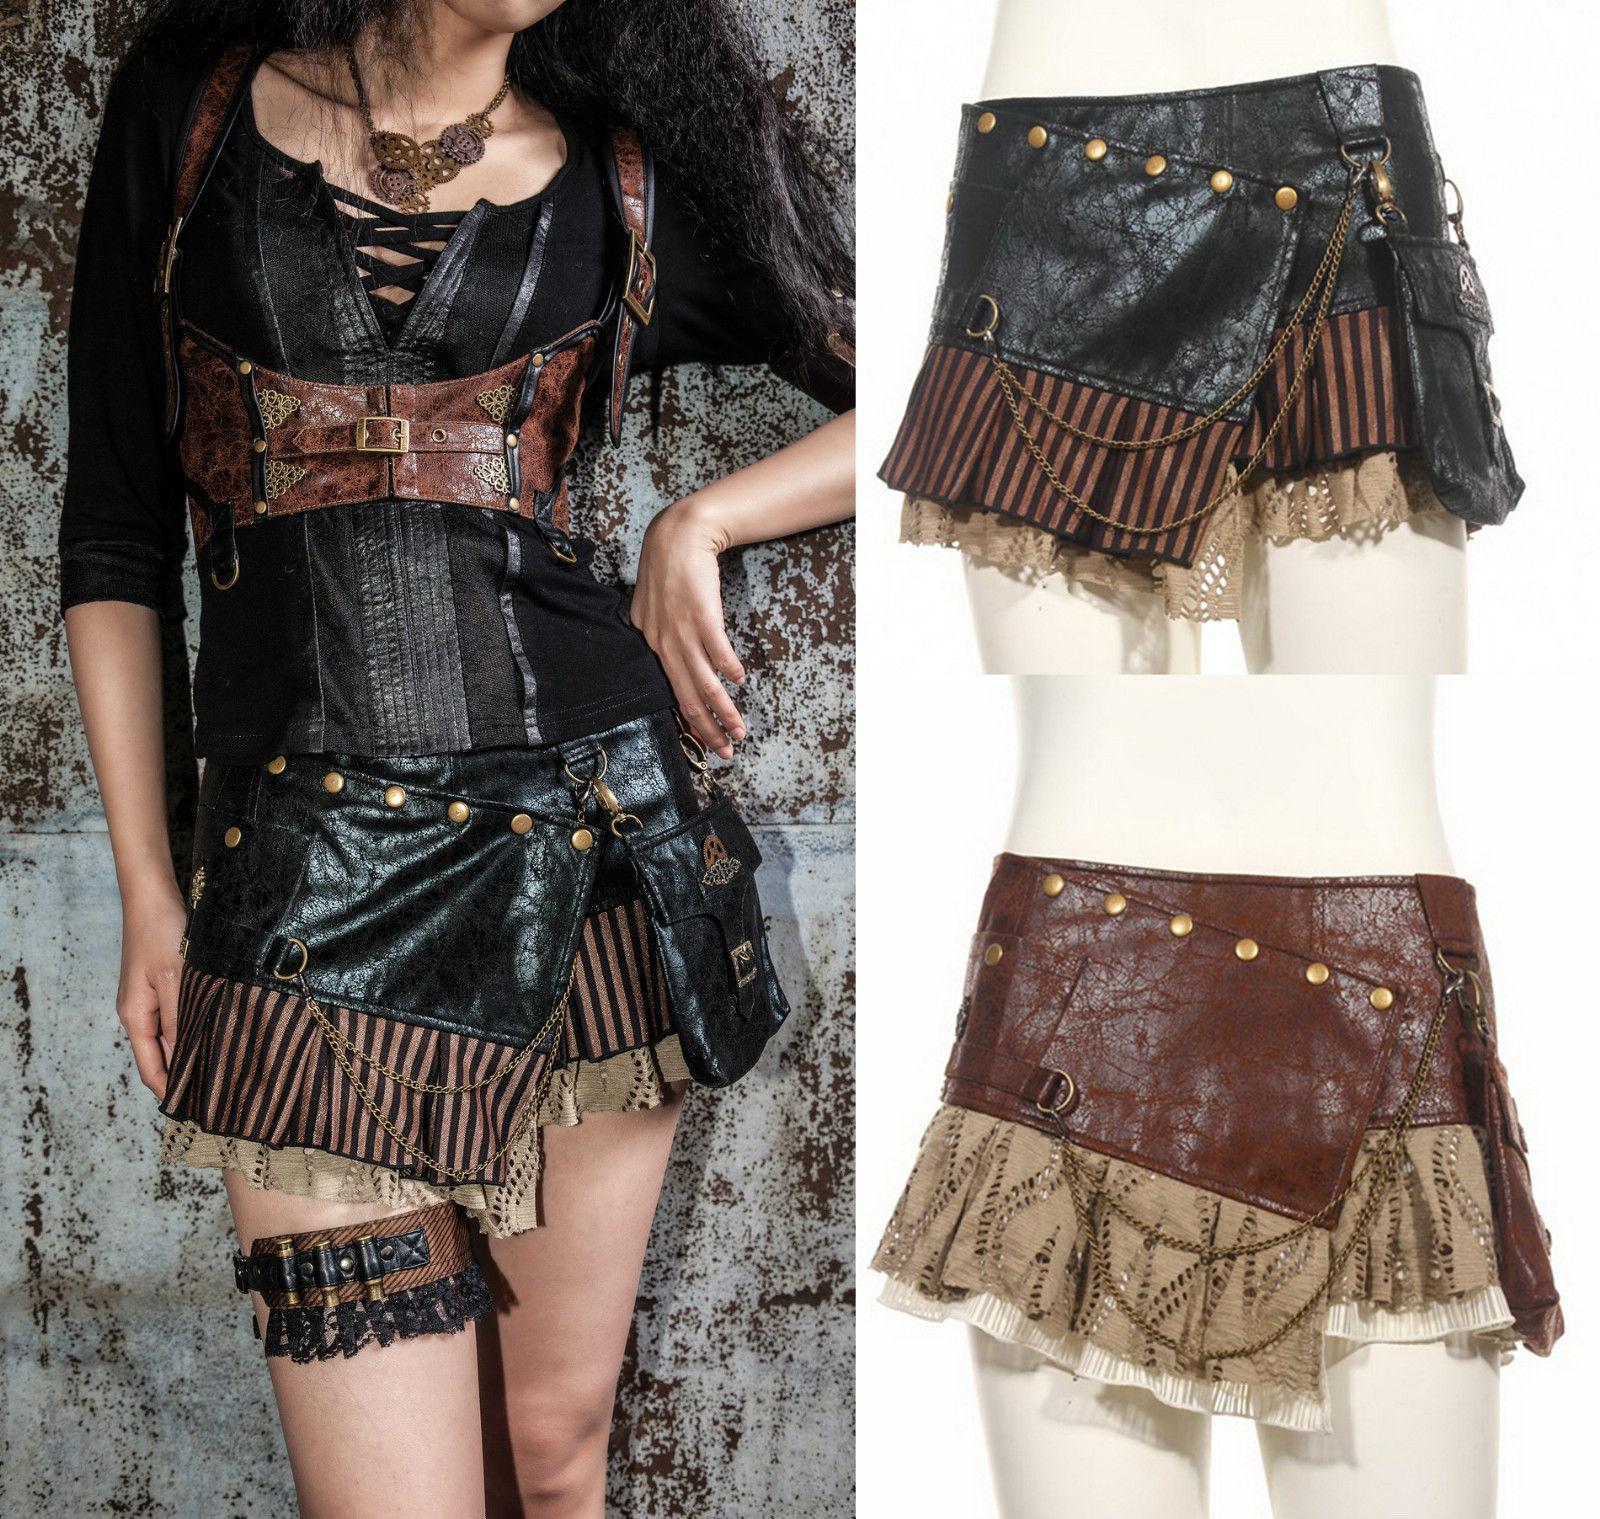 Gothic Mini Skirts Price Comparison | Buy Cheapest Gothic Mini ...